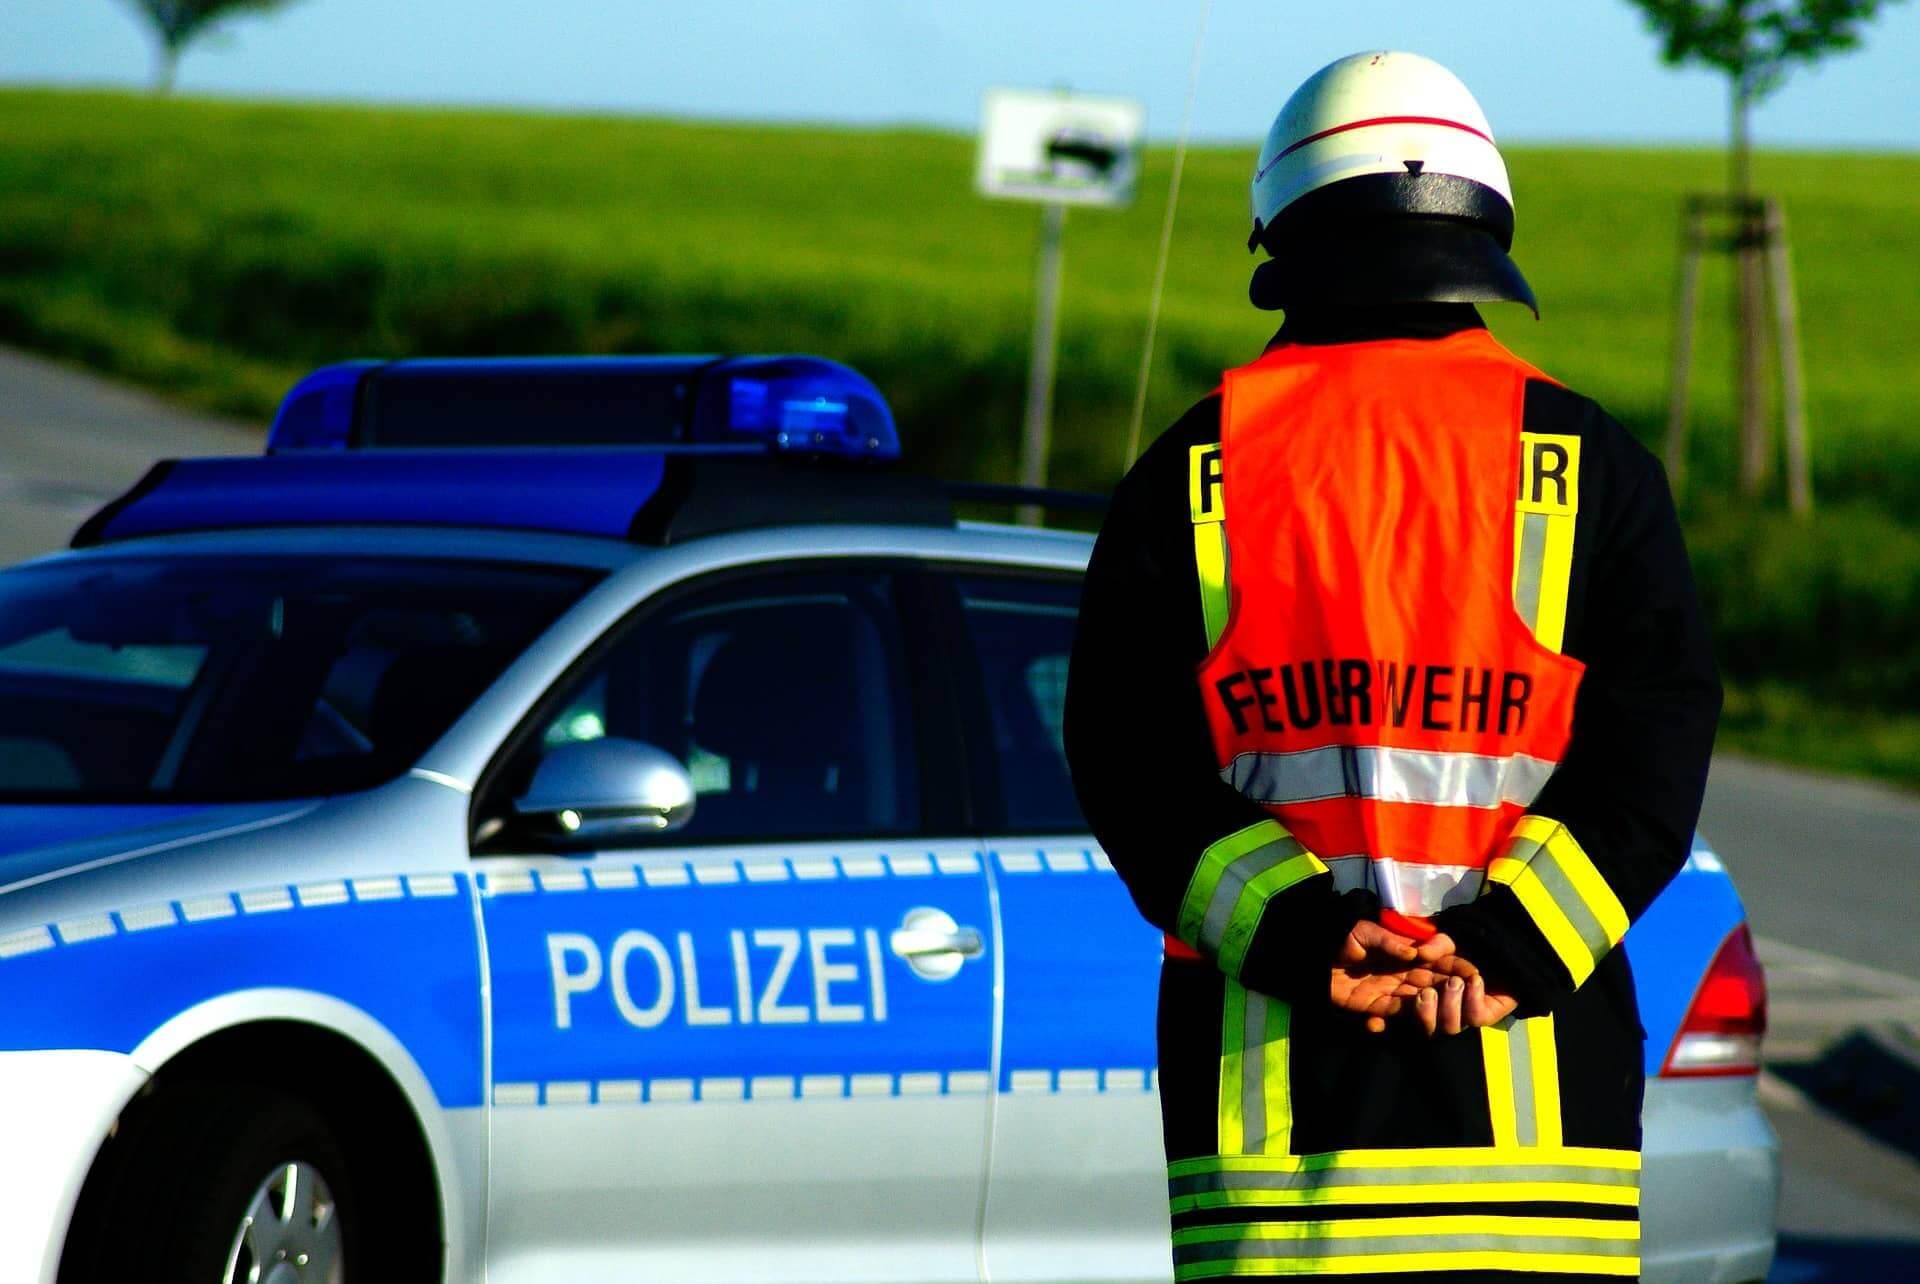 Feuerwehrmann aus Oberbayern starb an einem Herzinfarkt, nicht an der Corona-Impfung